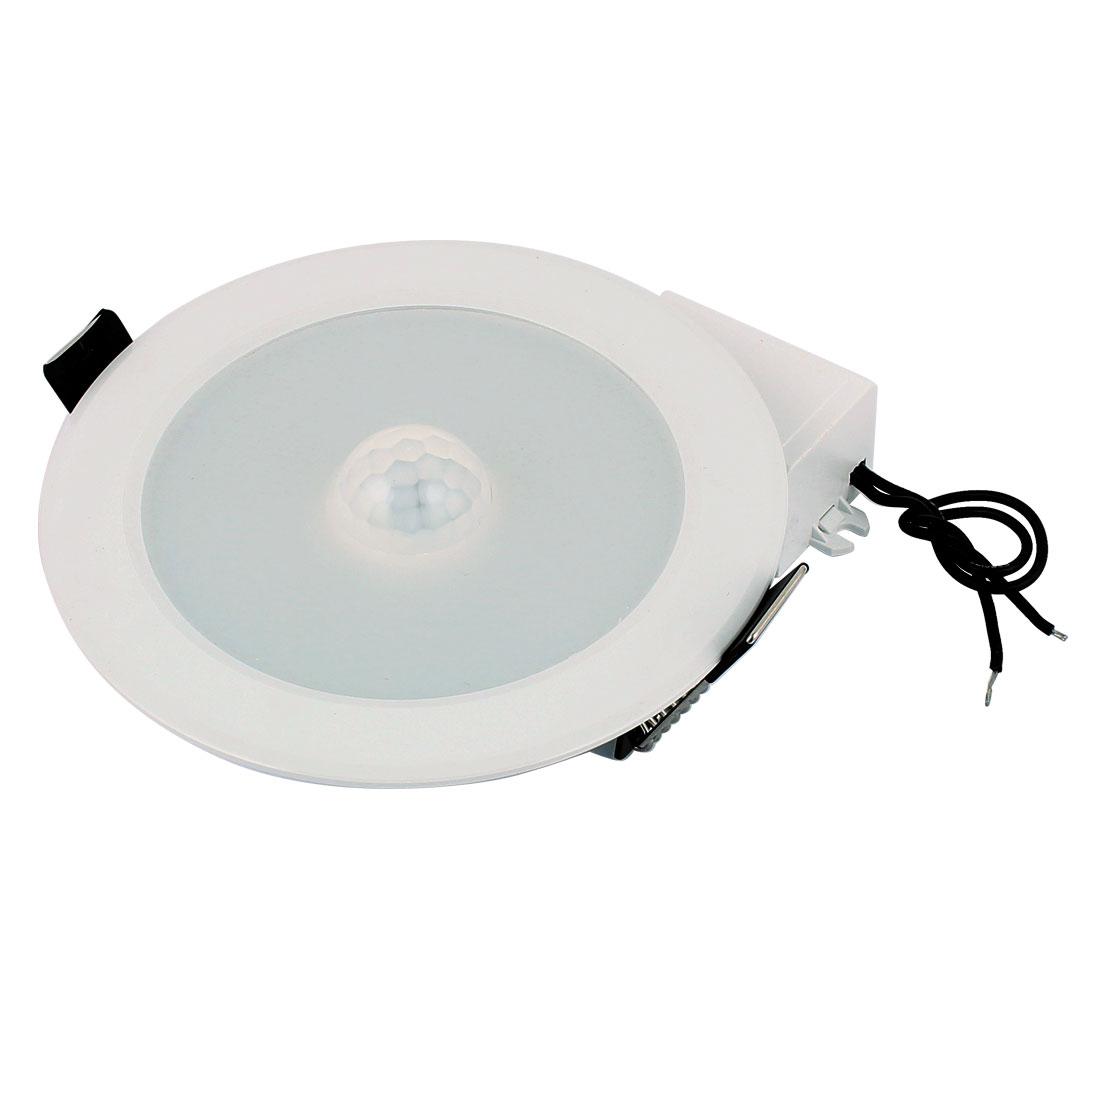 Ceiling Decor Spotlight Light 14 LED Lamp 7W AC85V-265V Motion Sensor Lighting